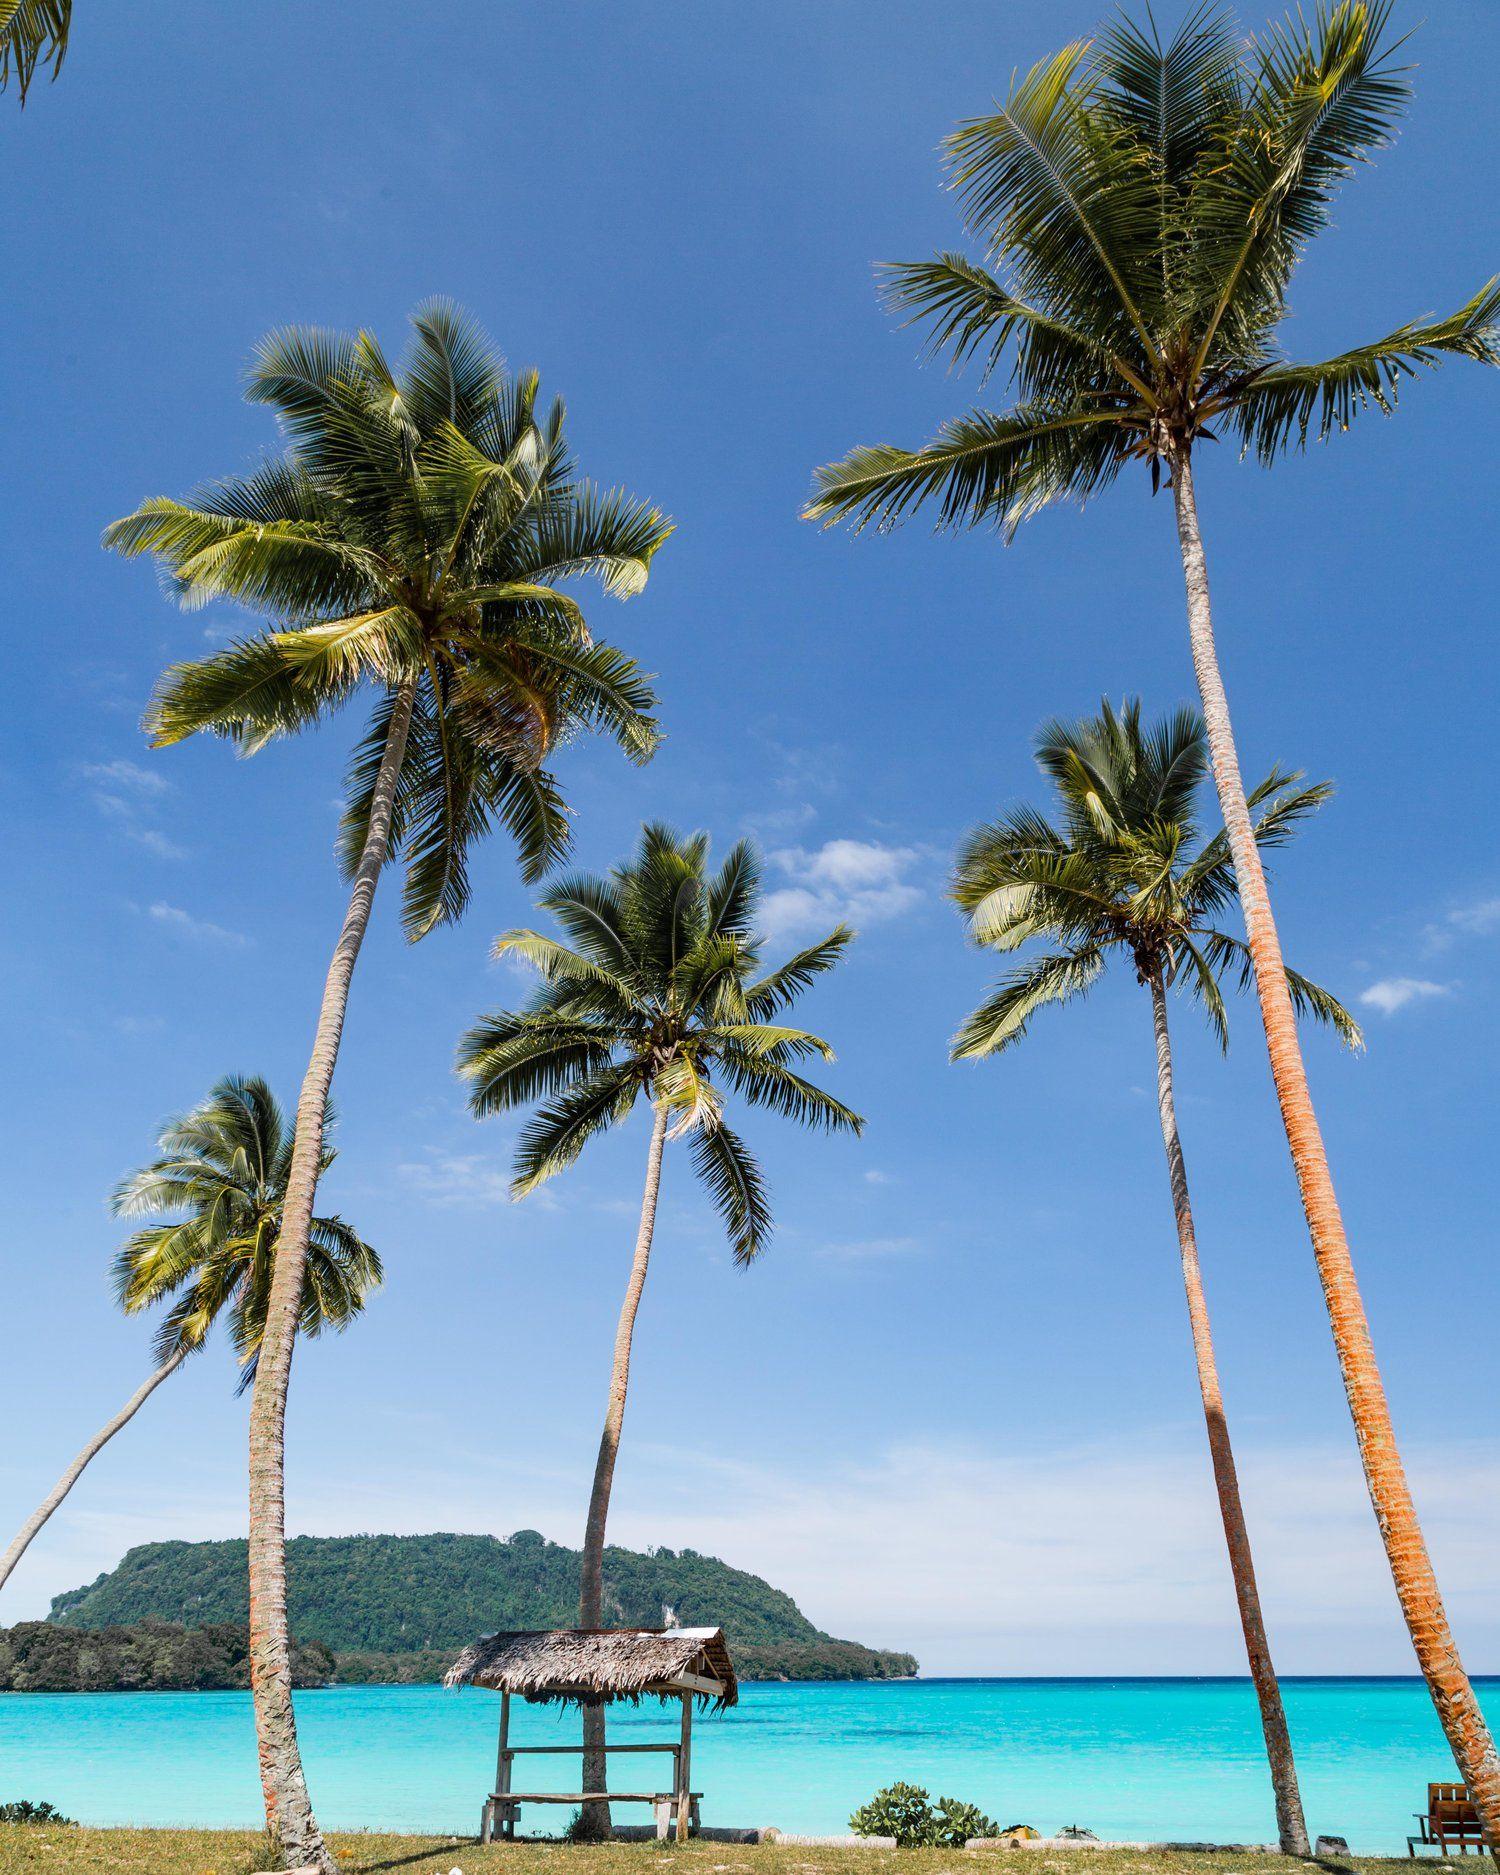 Vanuatu Beaches: 22 Photos To Inspire You To Visit Vanuatu In 2020